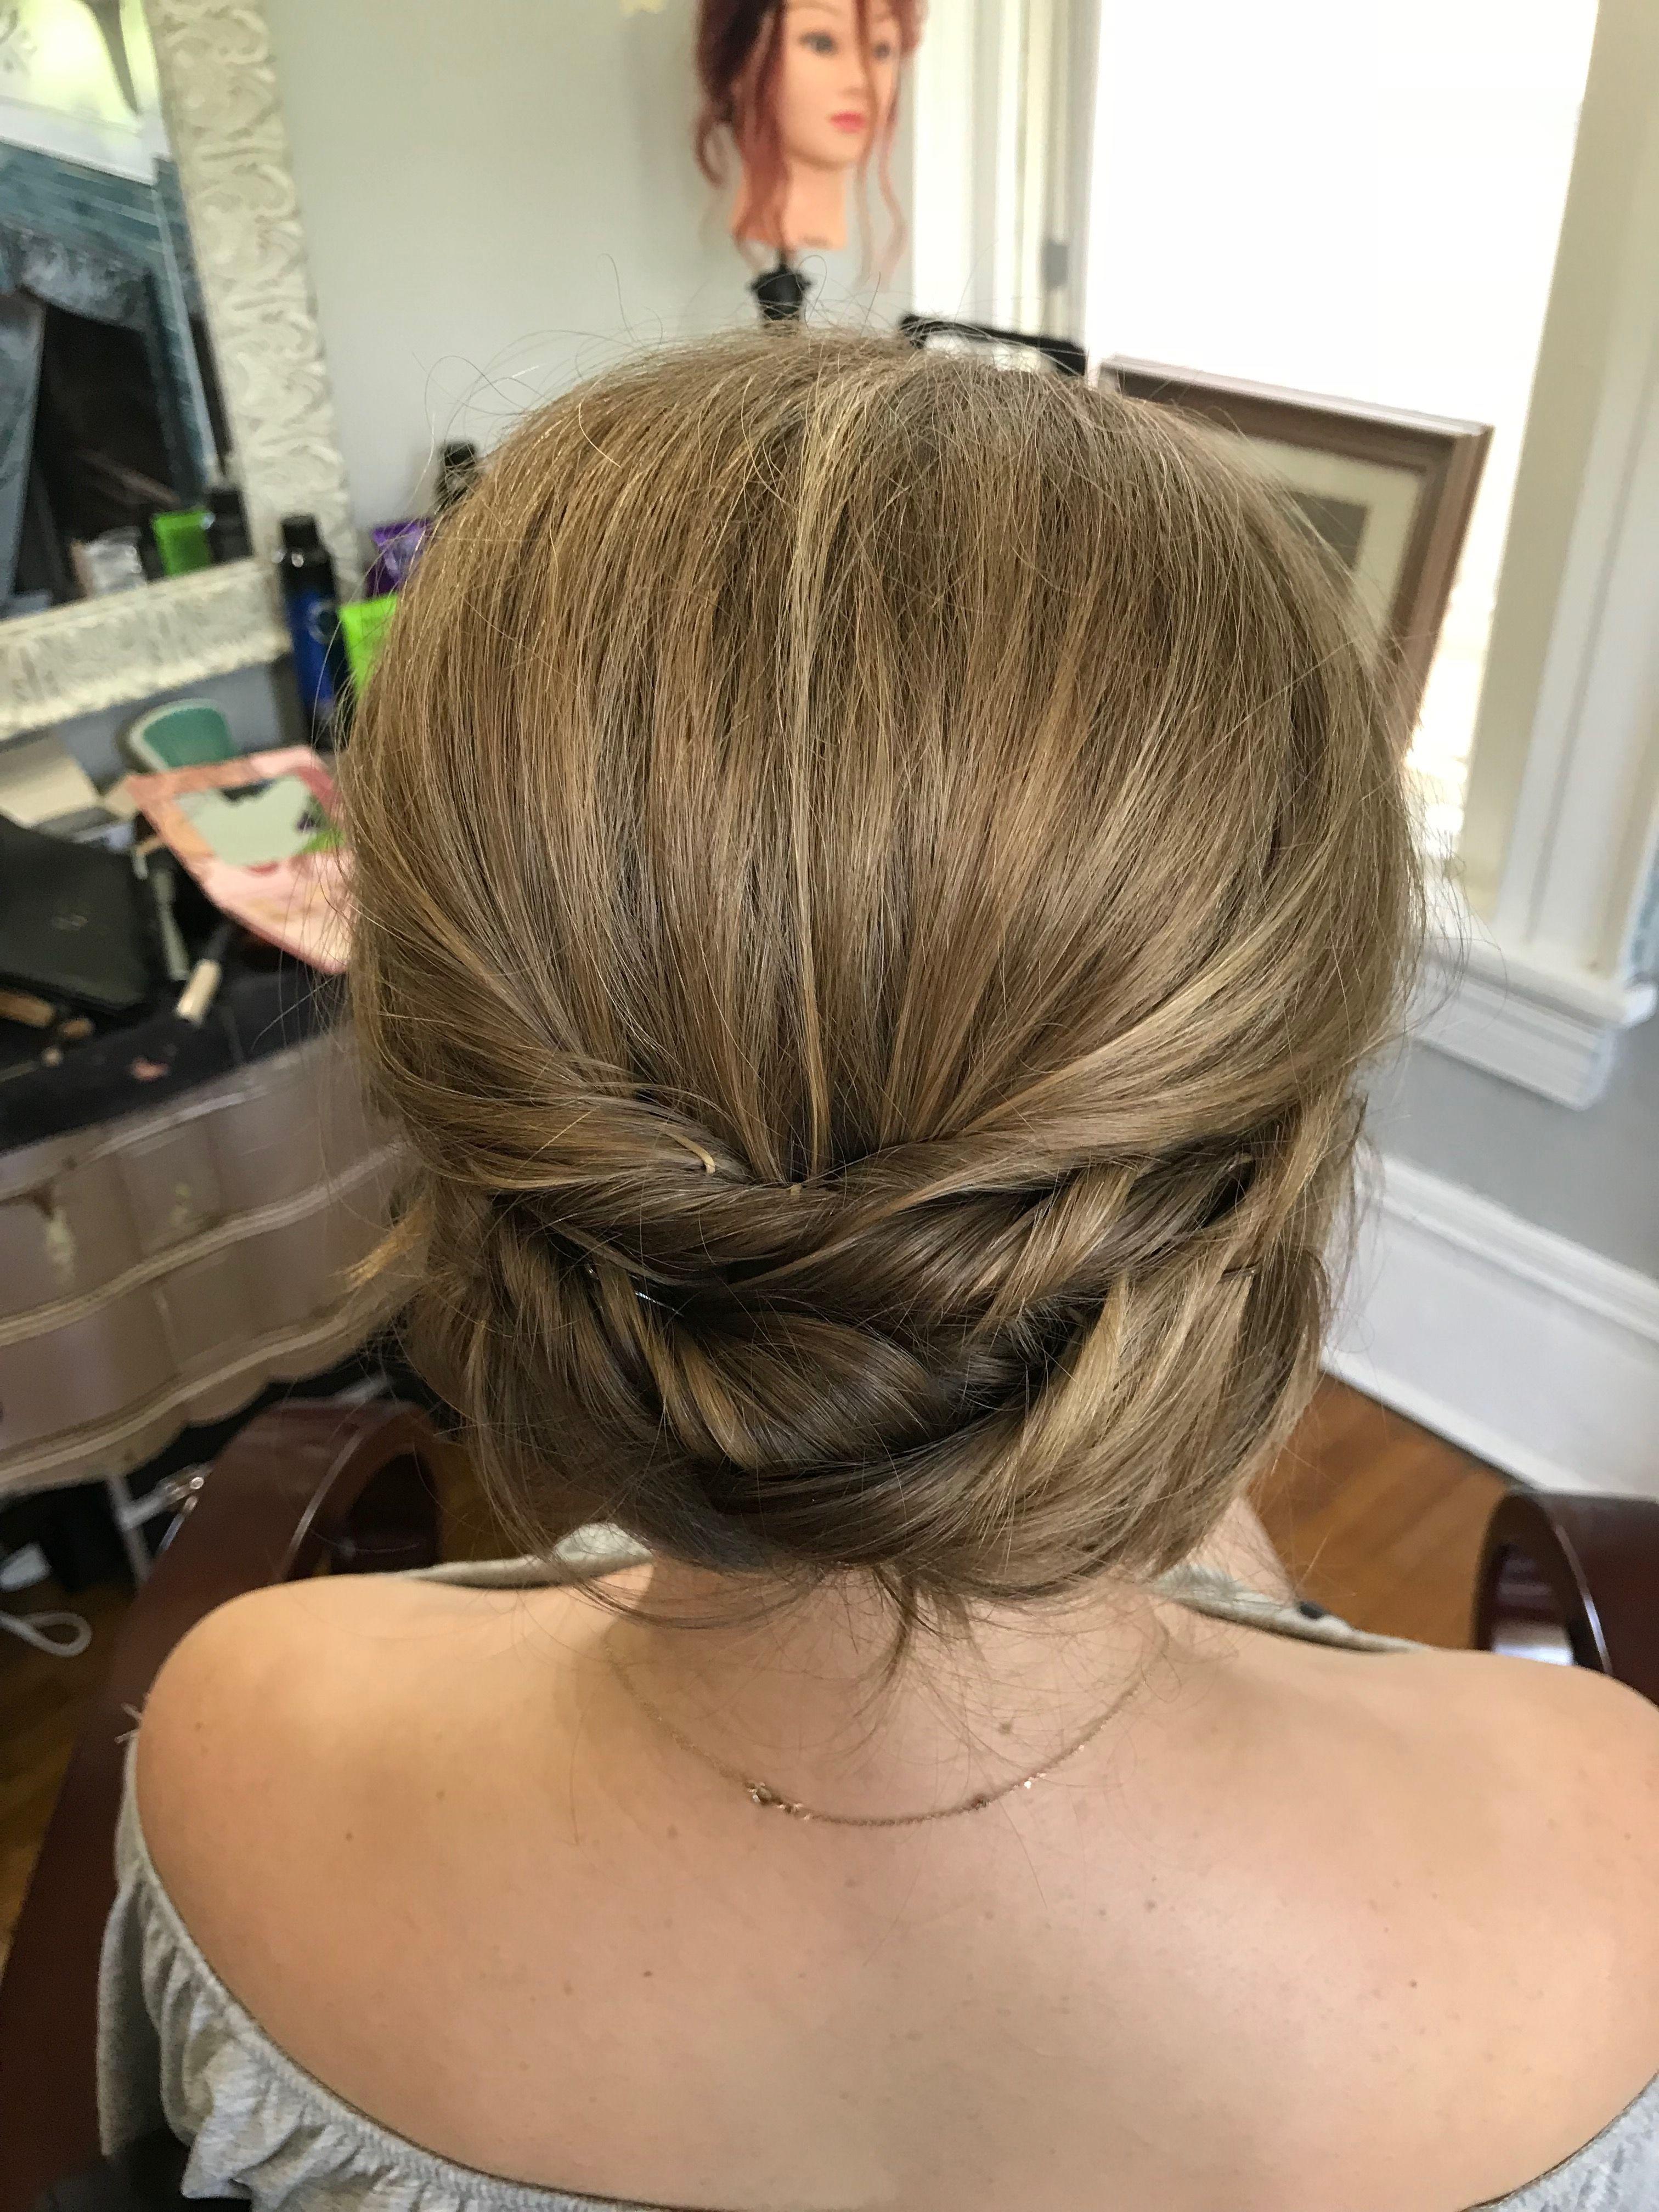 Bridal hair and makeup trial nashvilleweddingmakeup